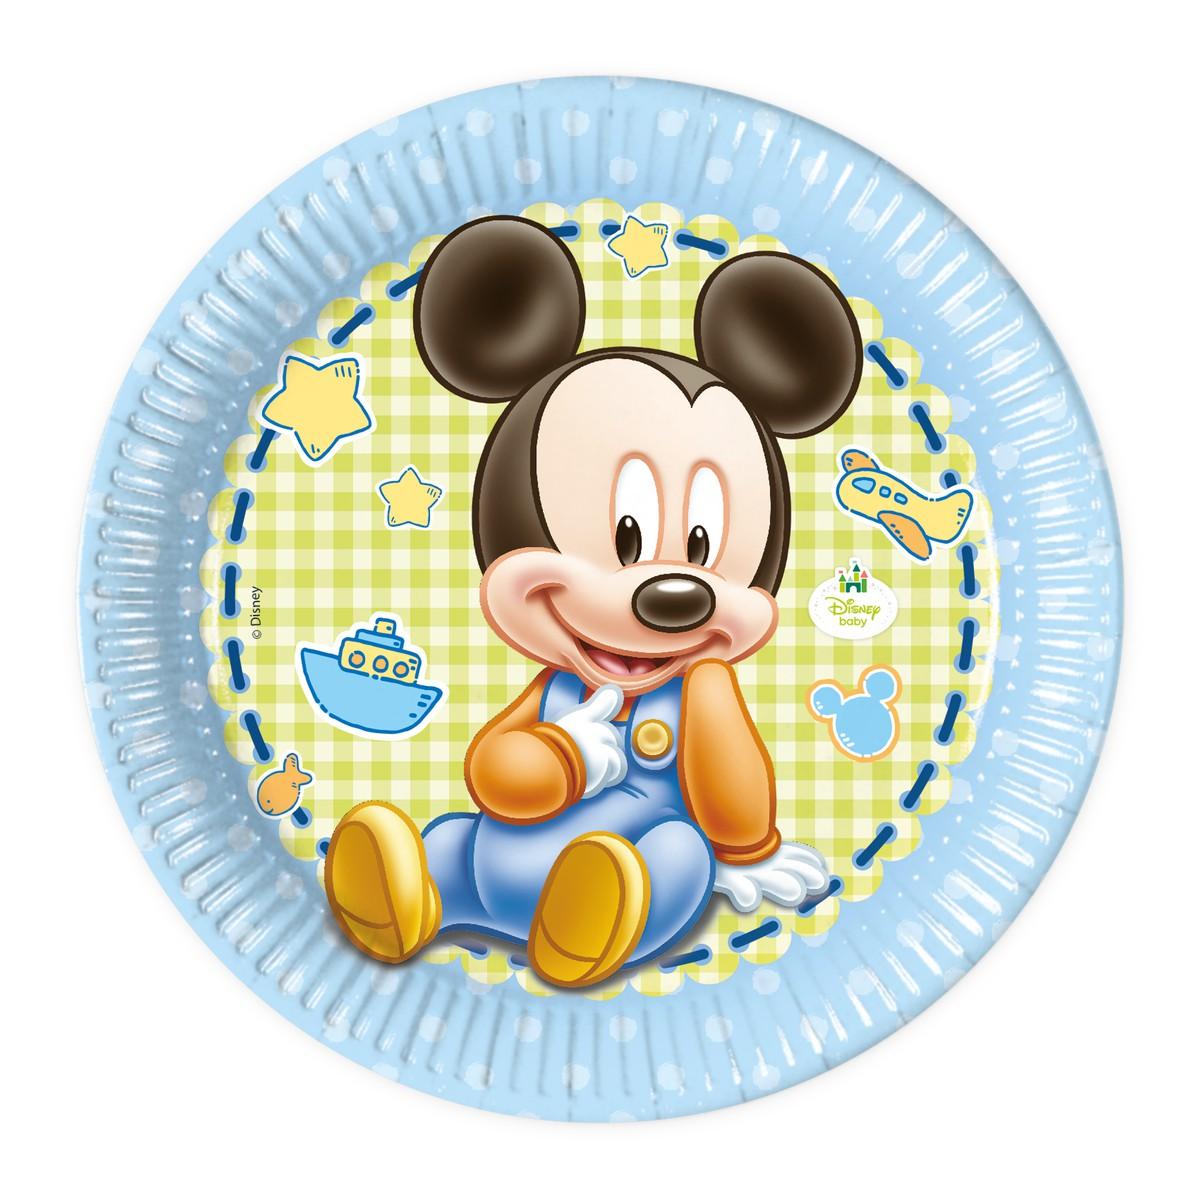 Billede af 8 stk. Baby Mickey pap tallerkner